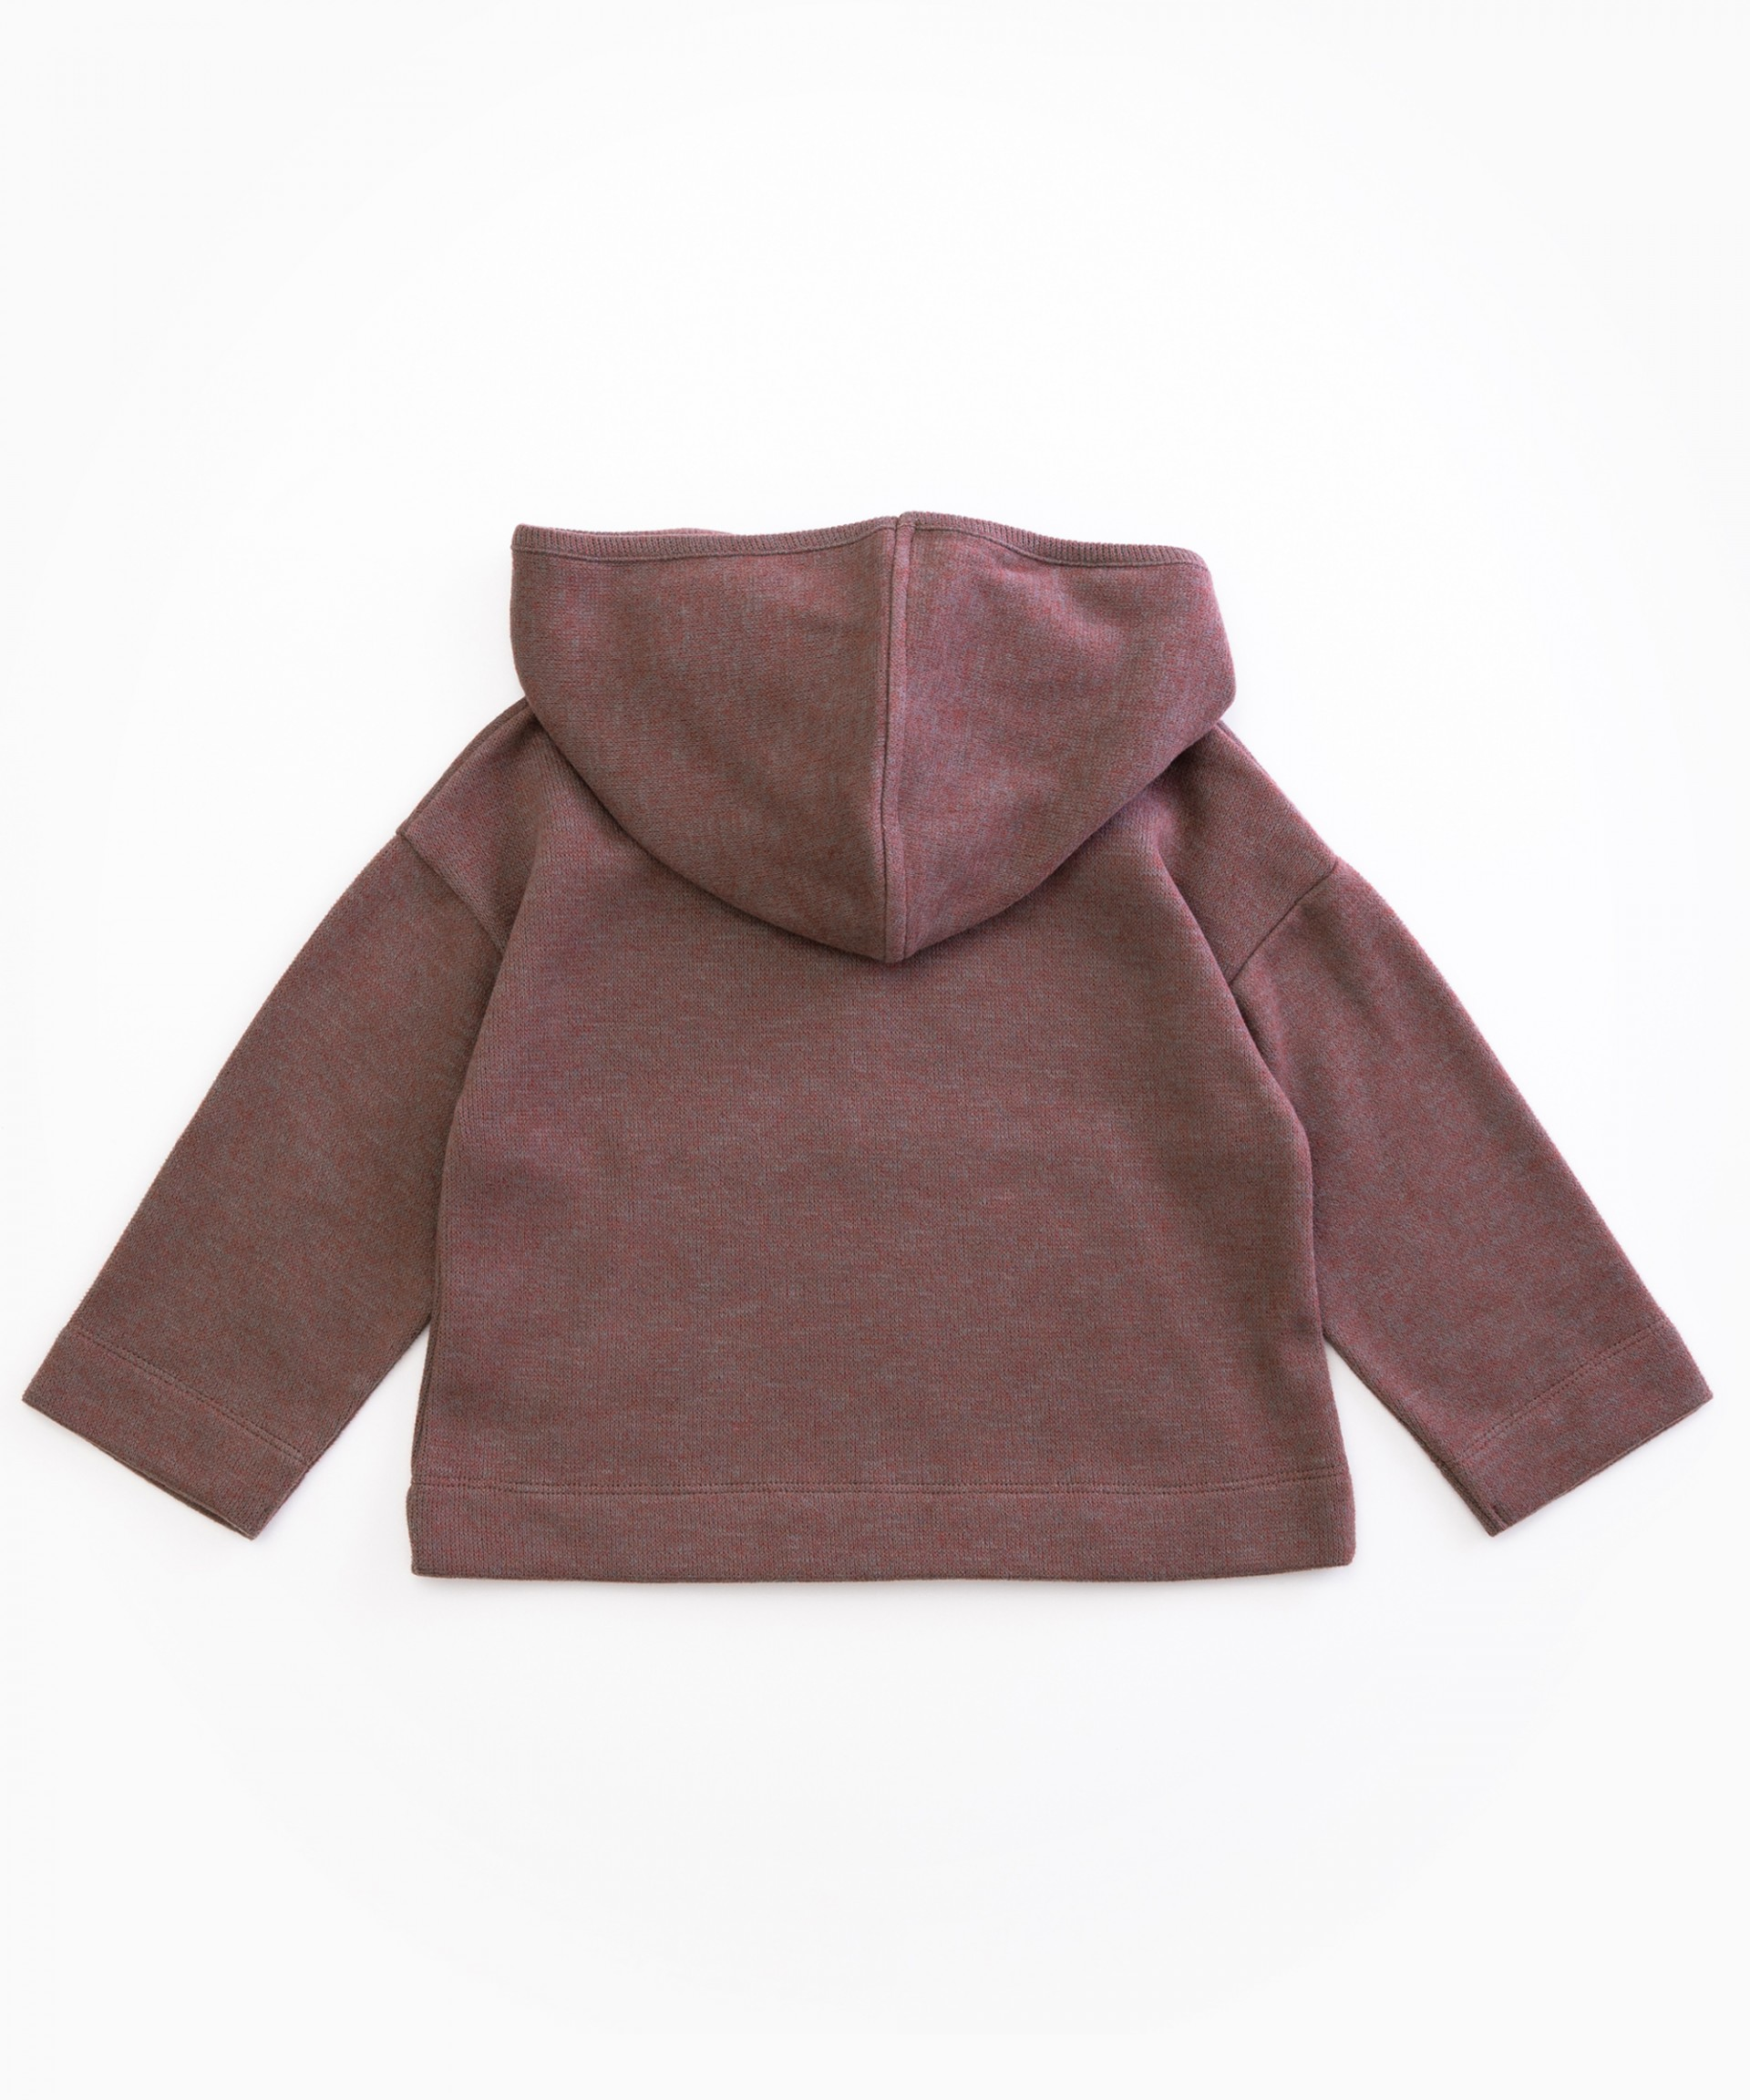 Maglia in cotone con cappuccio | Woodwork